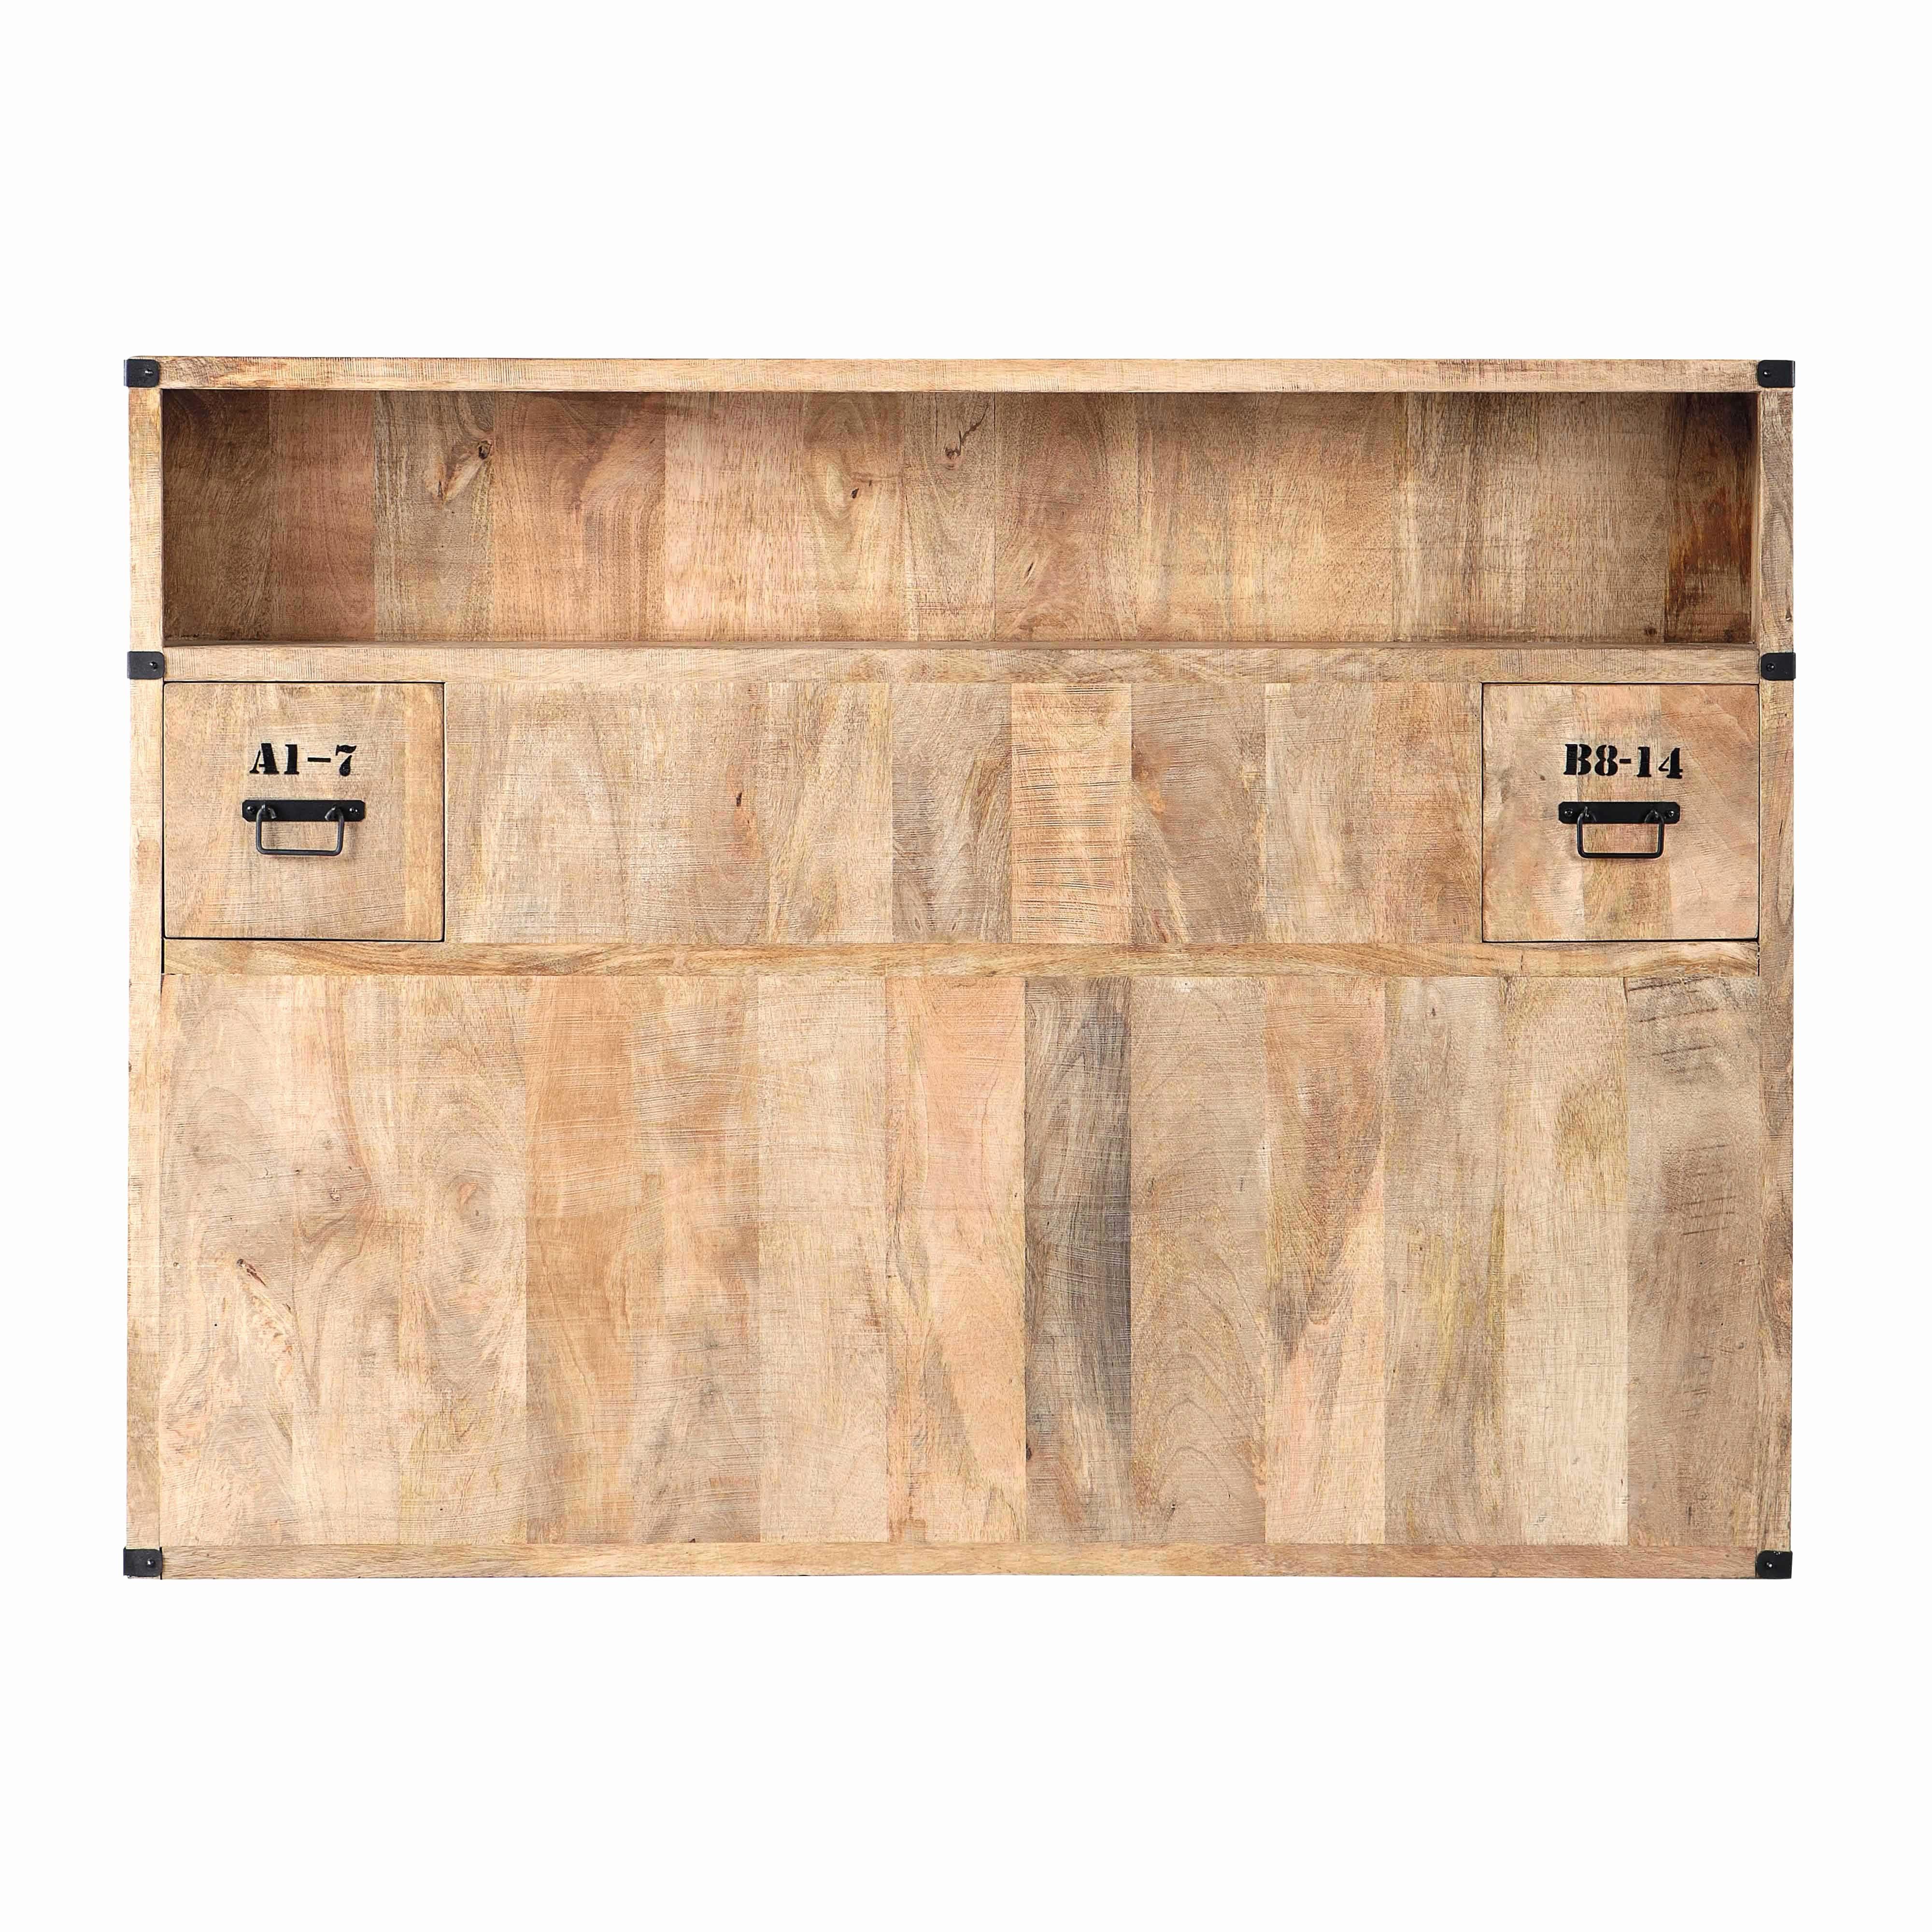 Alinea Tete De Lit 140 Bel Lit 140 Cm Génial Chambre Ado Alinea Luxe Collection Lit 140—190 Cm